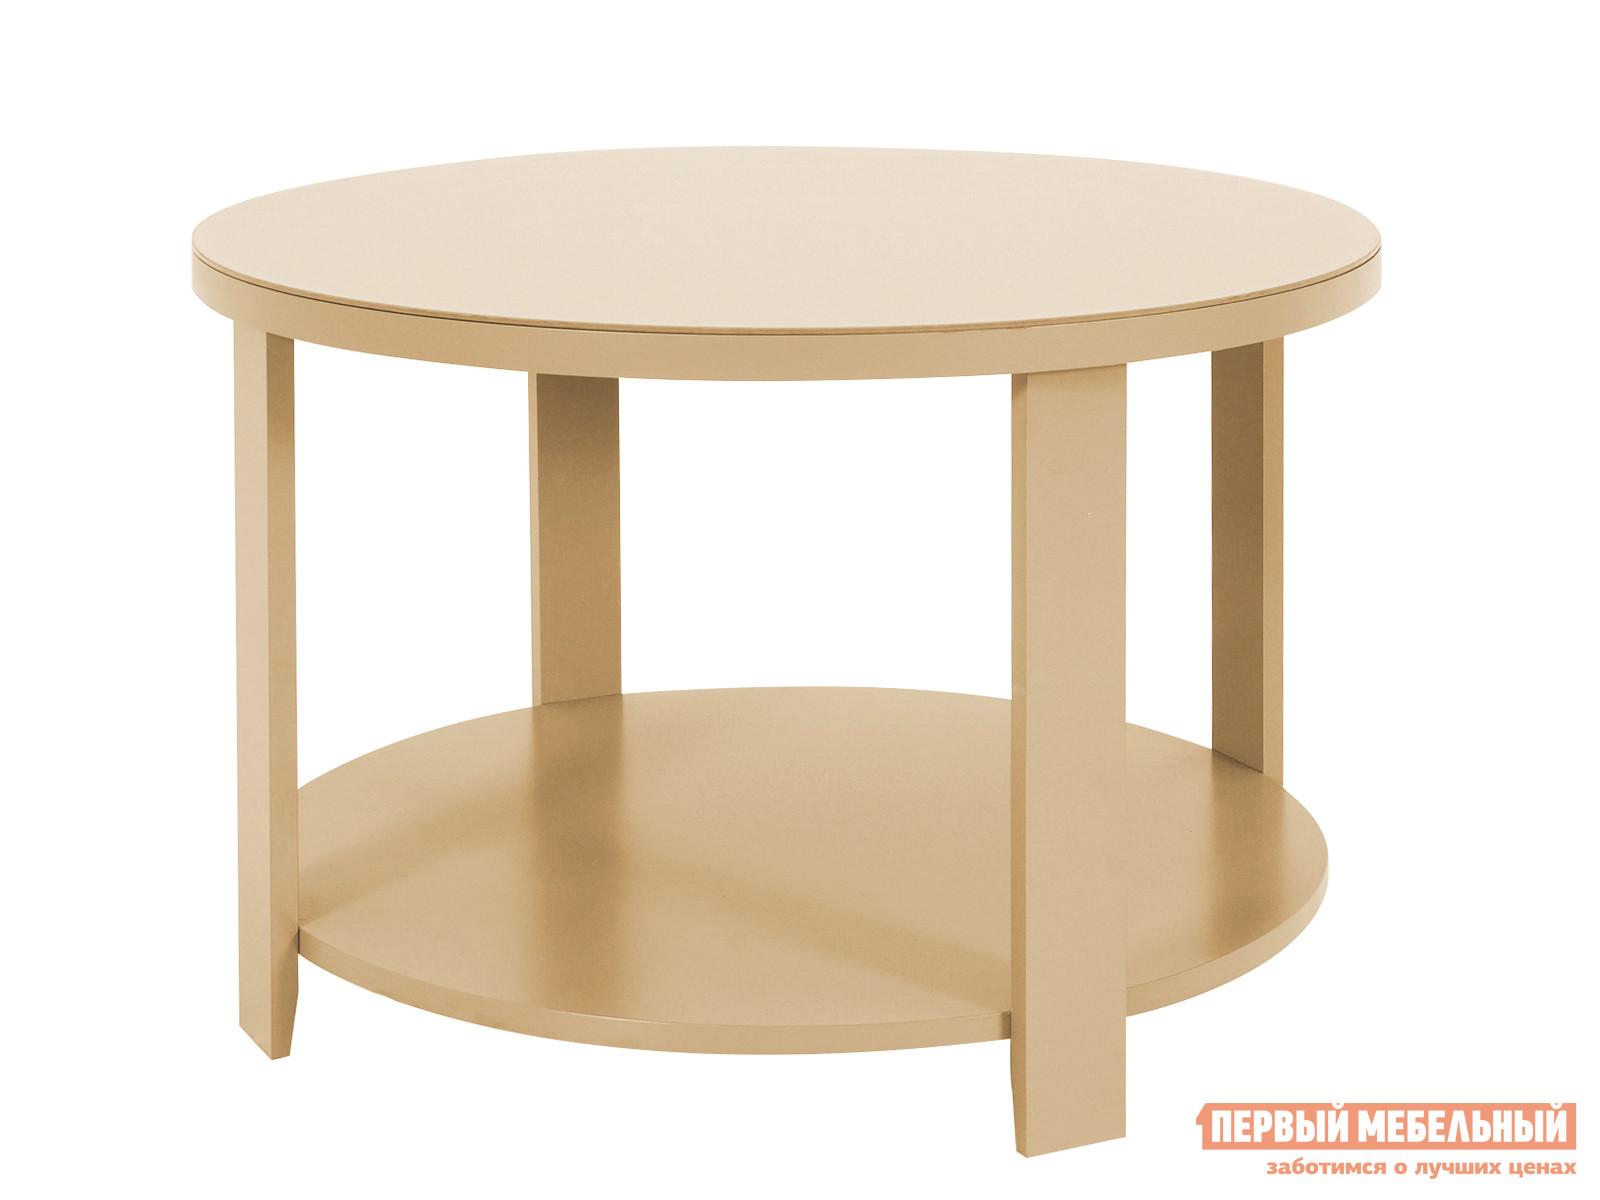 Журнальный столик ОГОГО Обстановочка! Jazz 700 журнальный столик огого обстановочка rond белый глянец